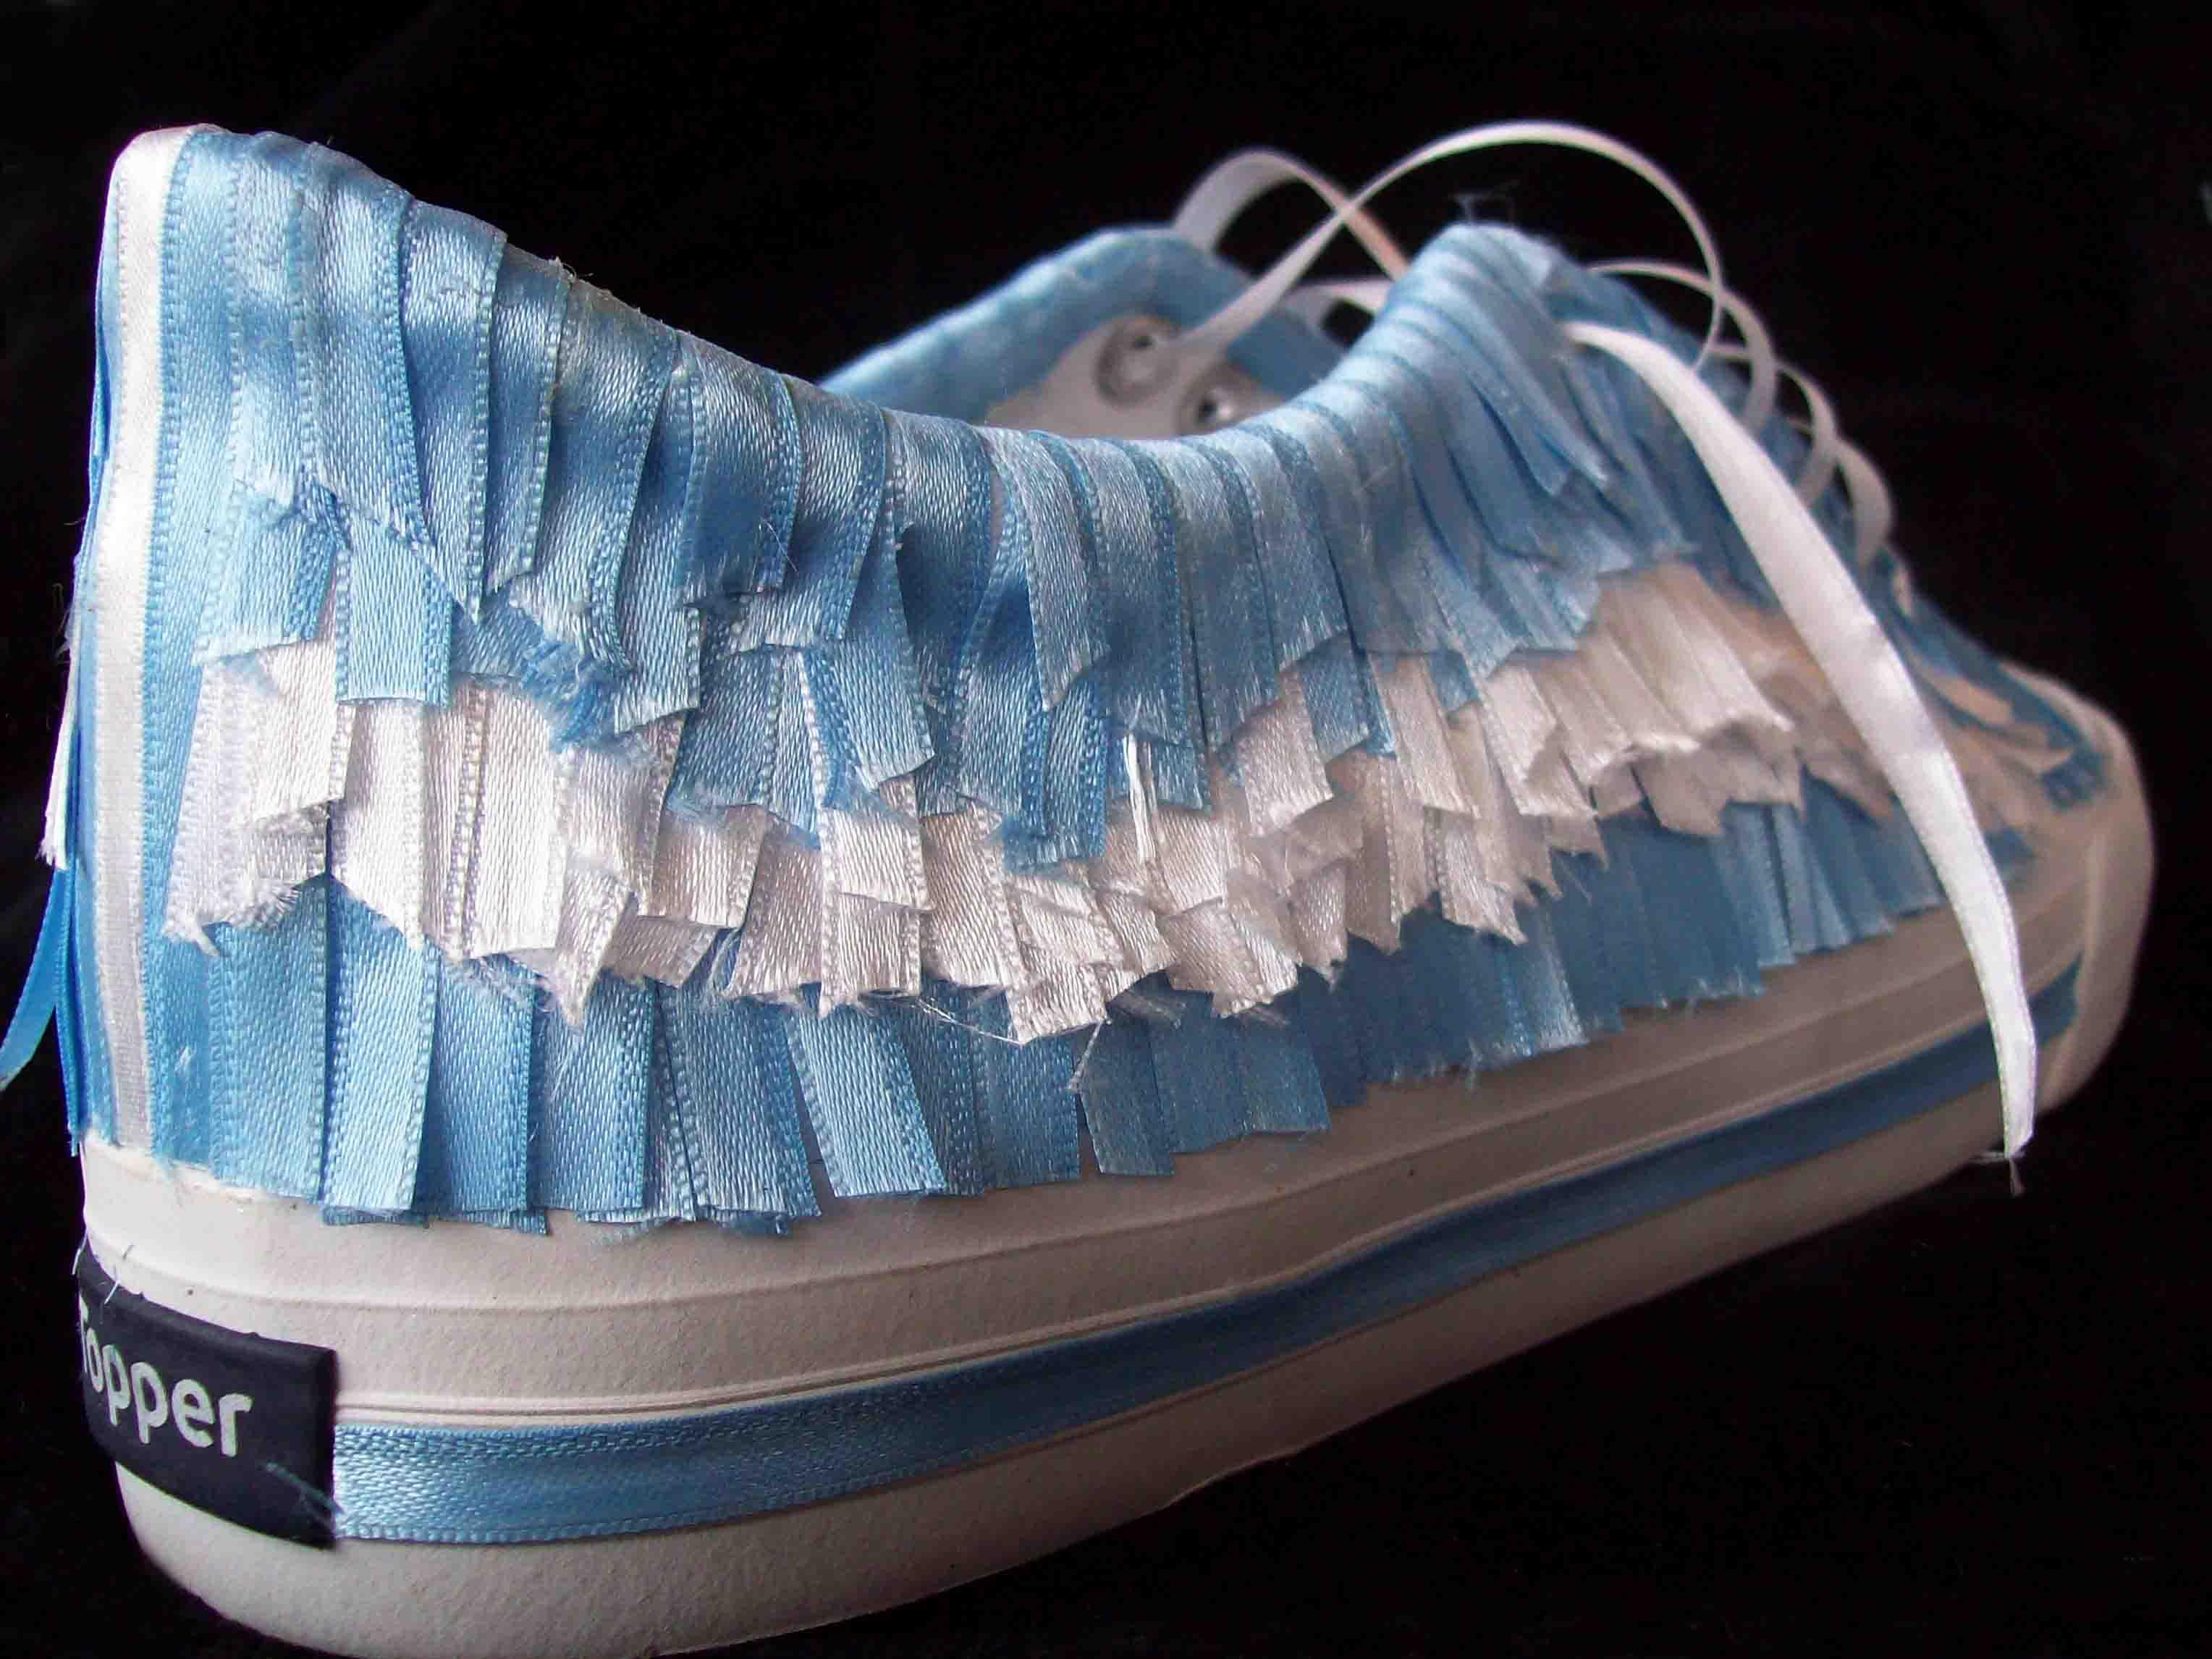 Zapatilla Topper bicentenario celeste y blanca- cintas ensambladas, detalle   2010